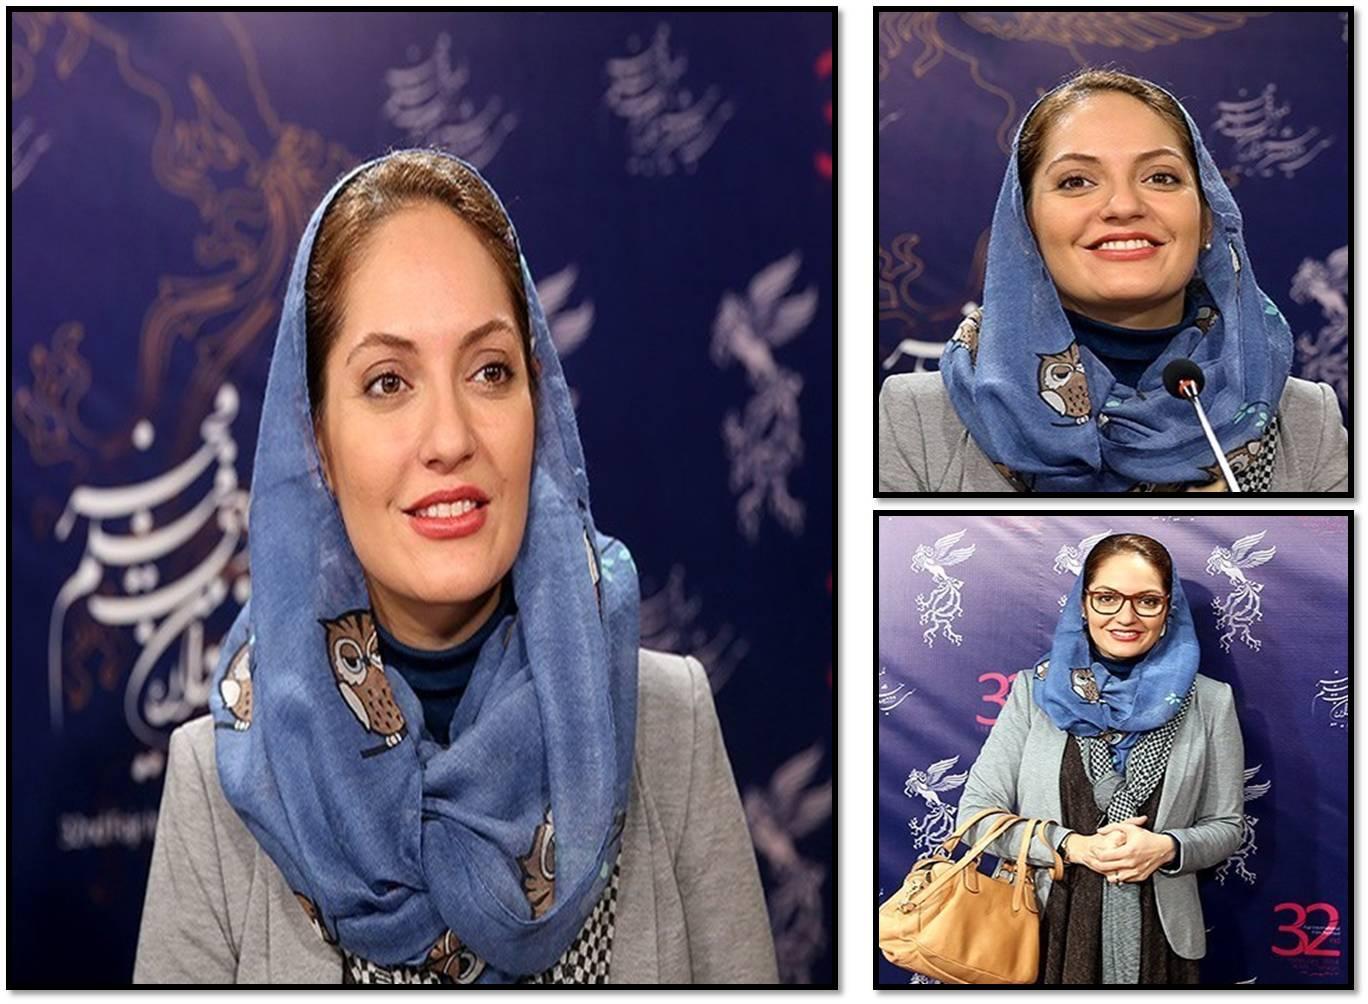 عکس های نشست خبری فیلم بیگانه با حضور مهناز افشار